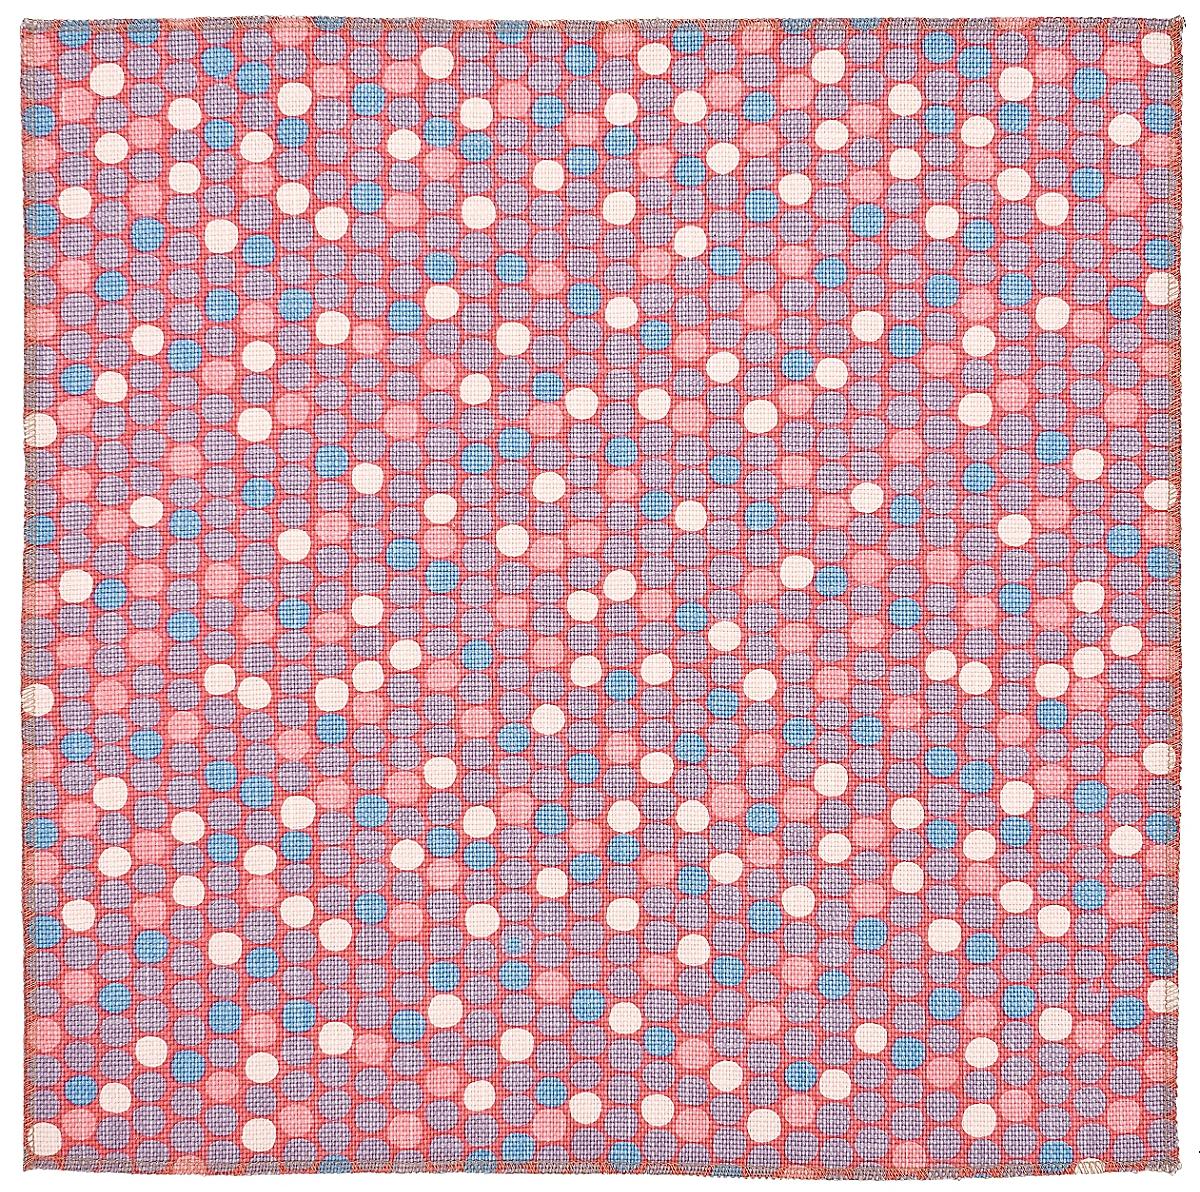 Lotsa Dots: Wild Mixed Berry (fabric yardage)